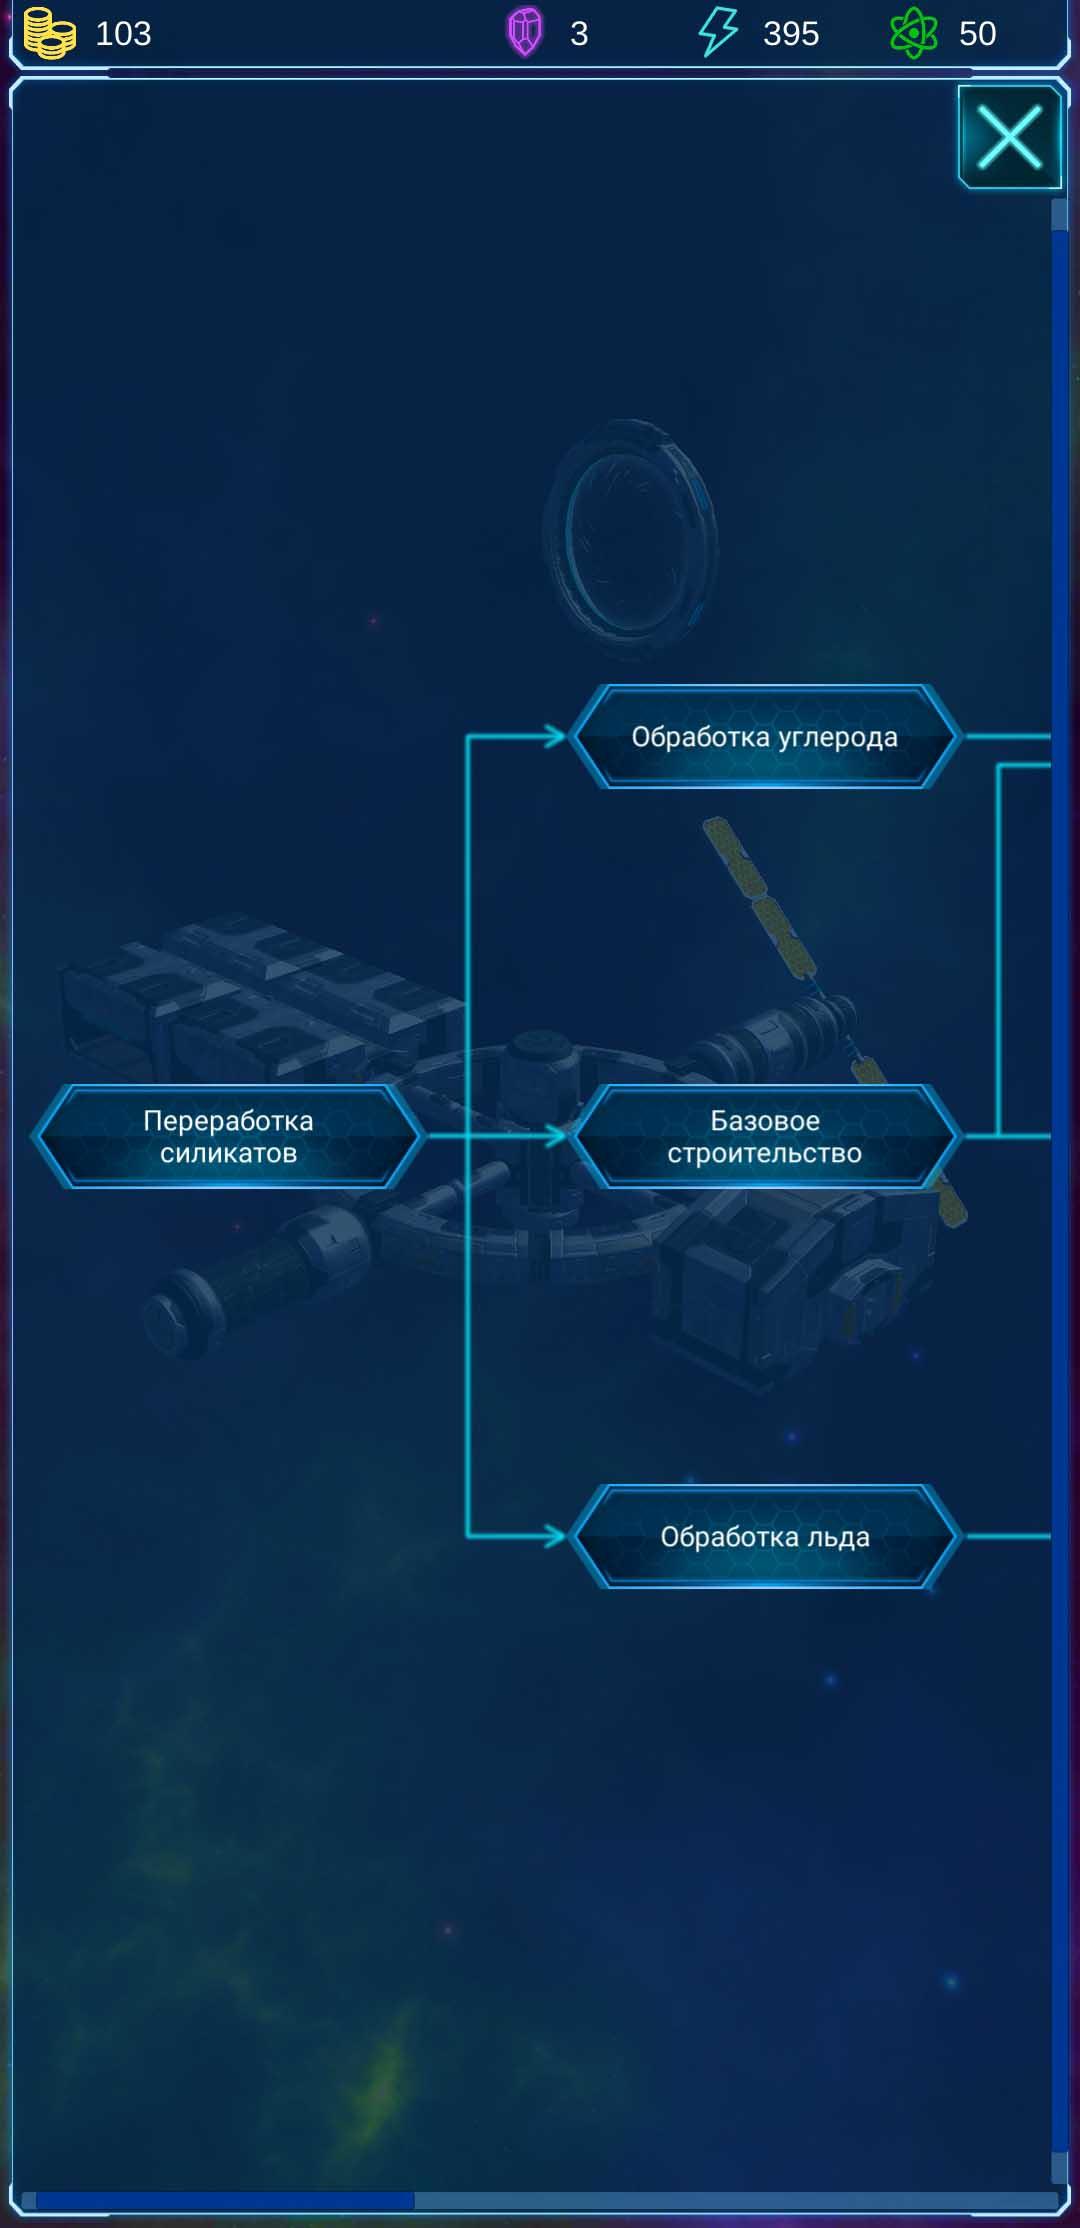 Space miner 3 | Space miner добываем ресурсы из астероидов и строим космическую станцию